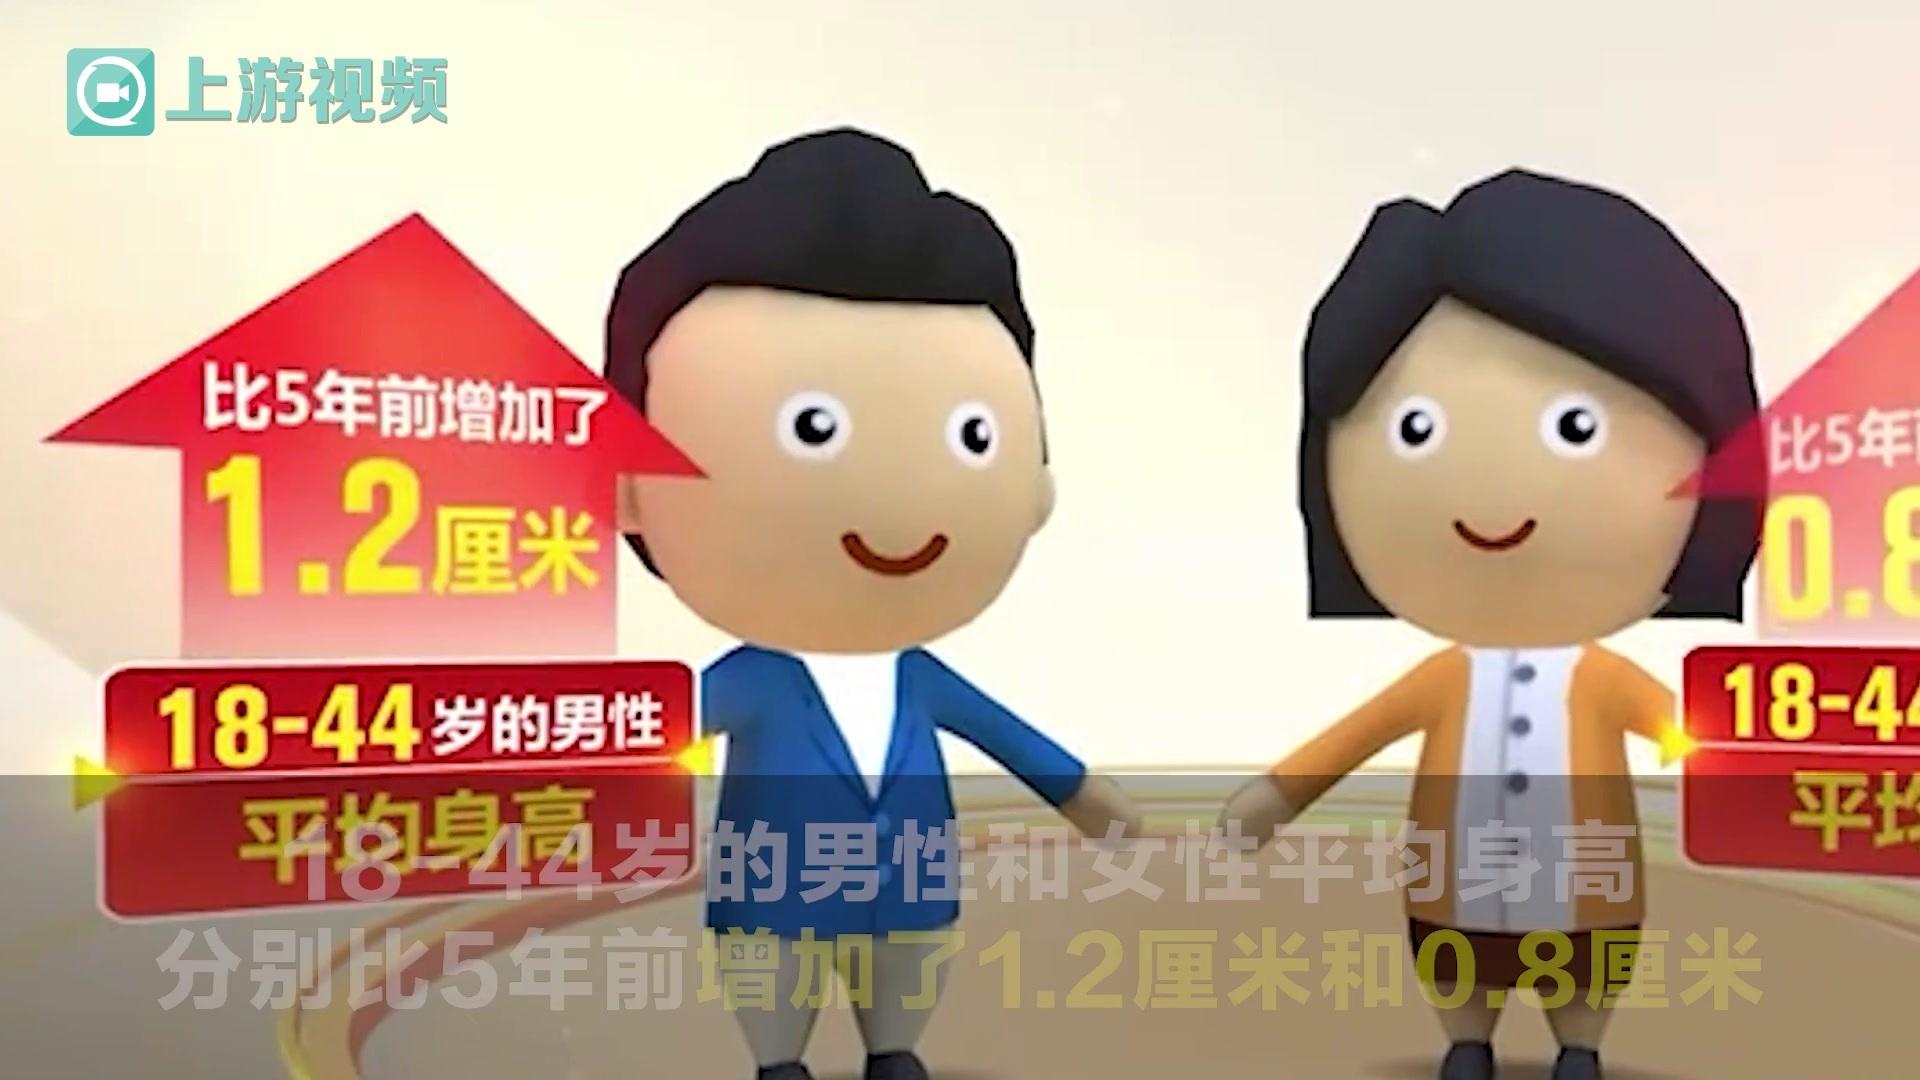 渝视频丨全世界增幅第一 中国男性35年间平均身高增长9cm